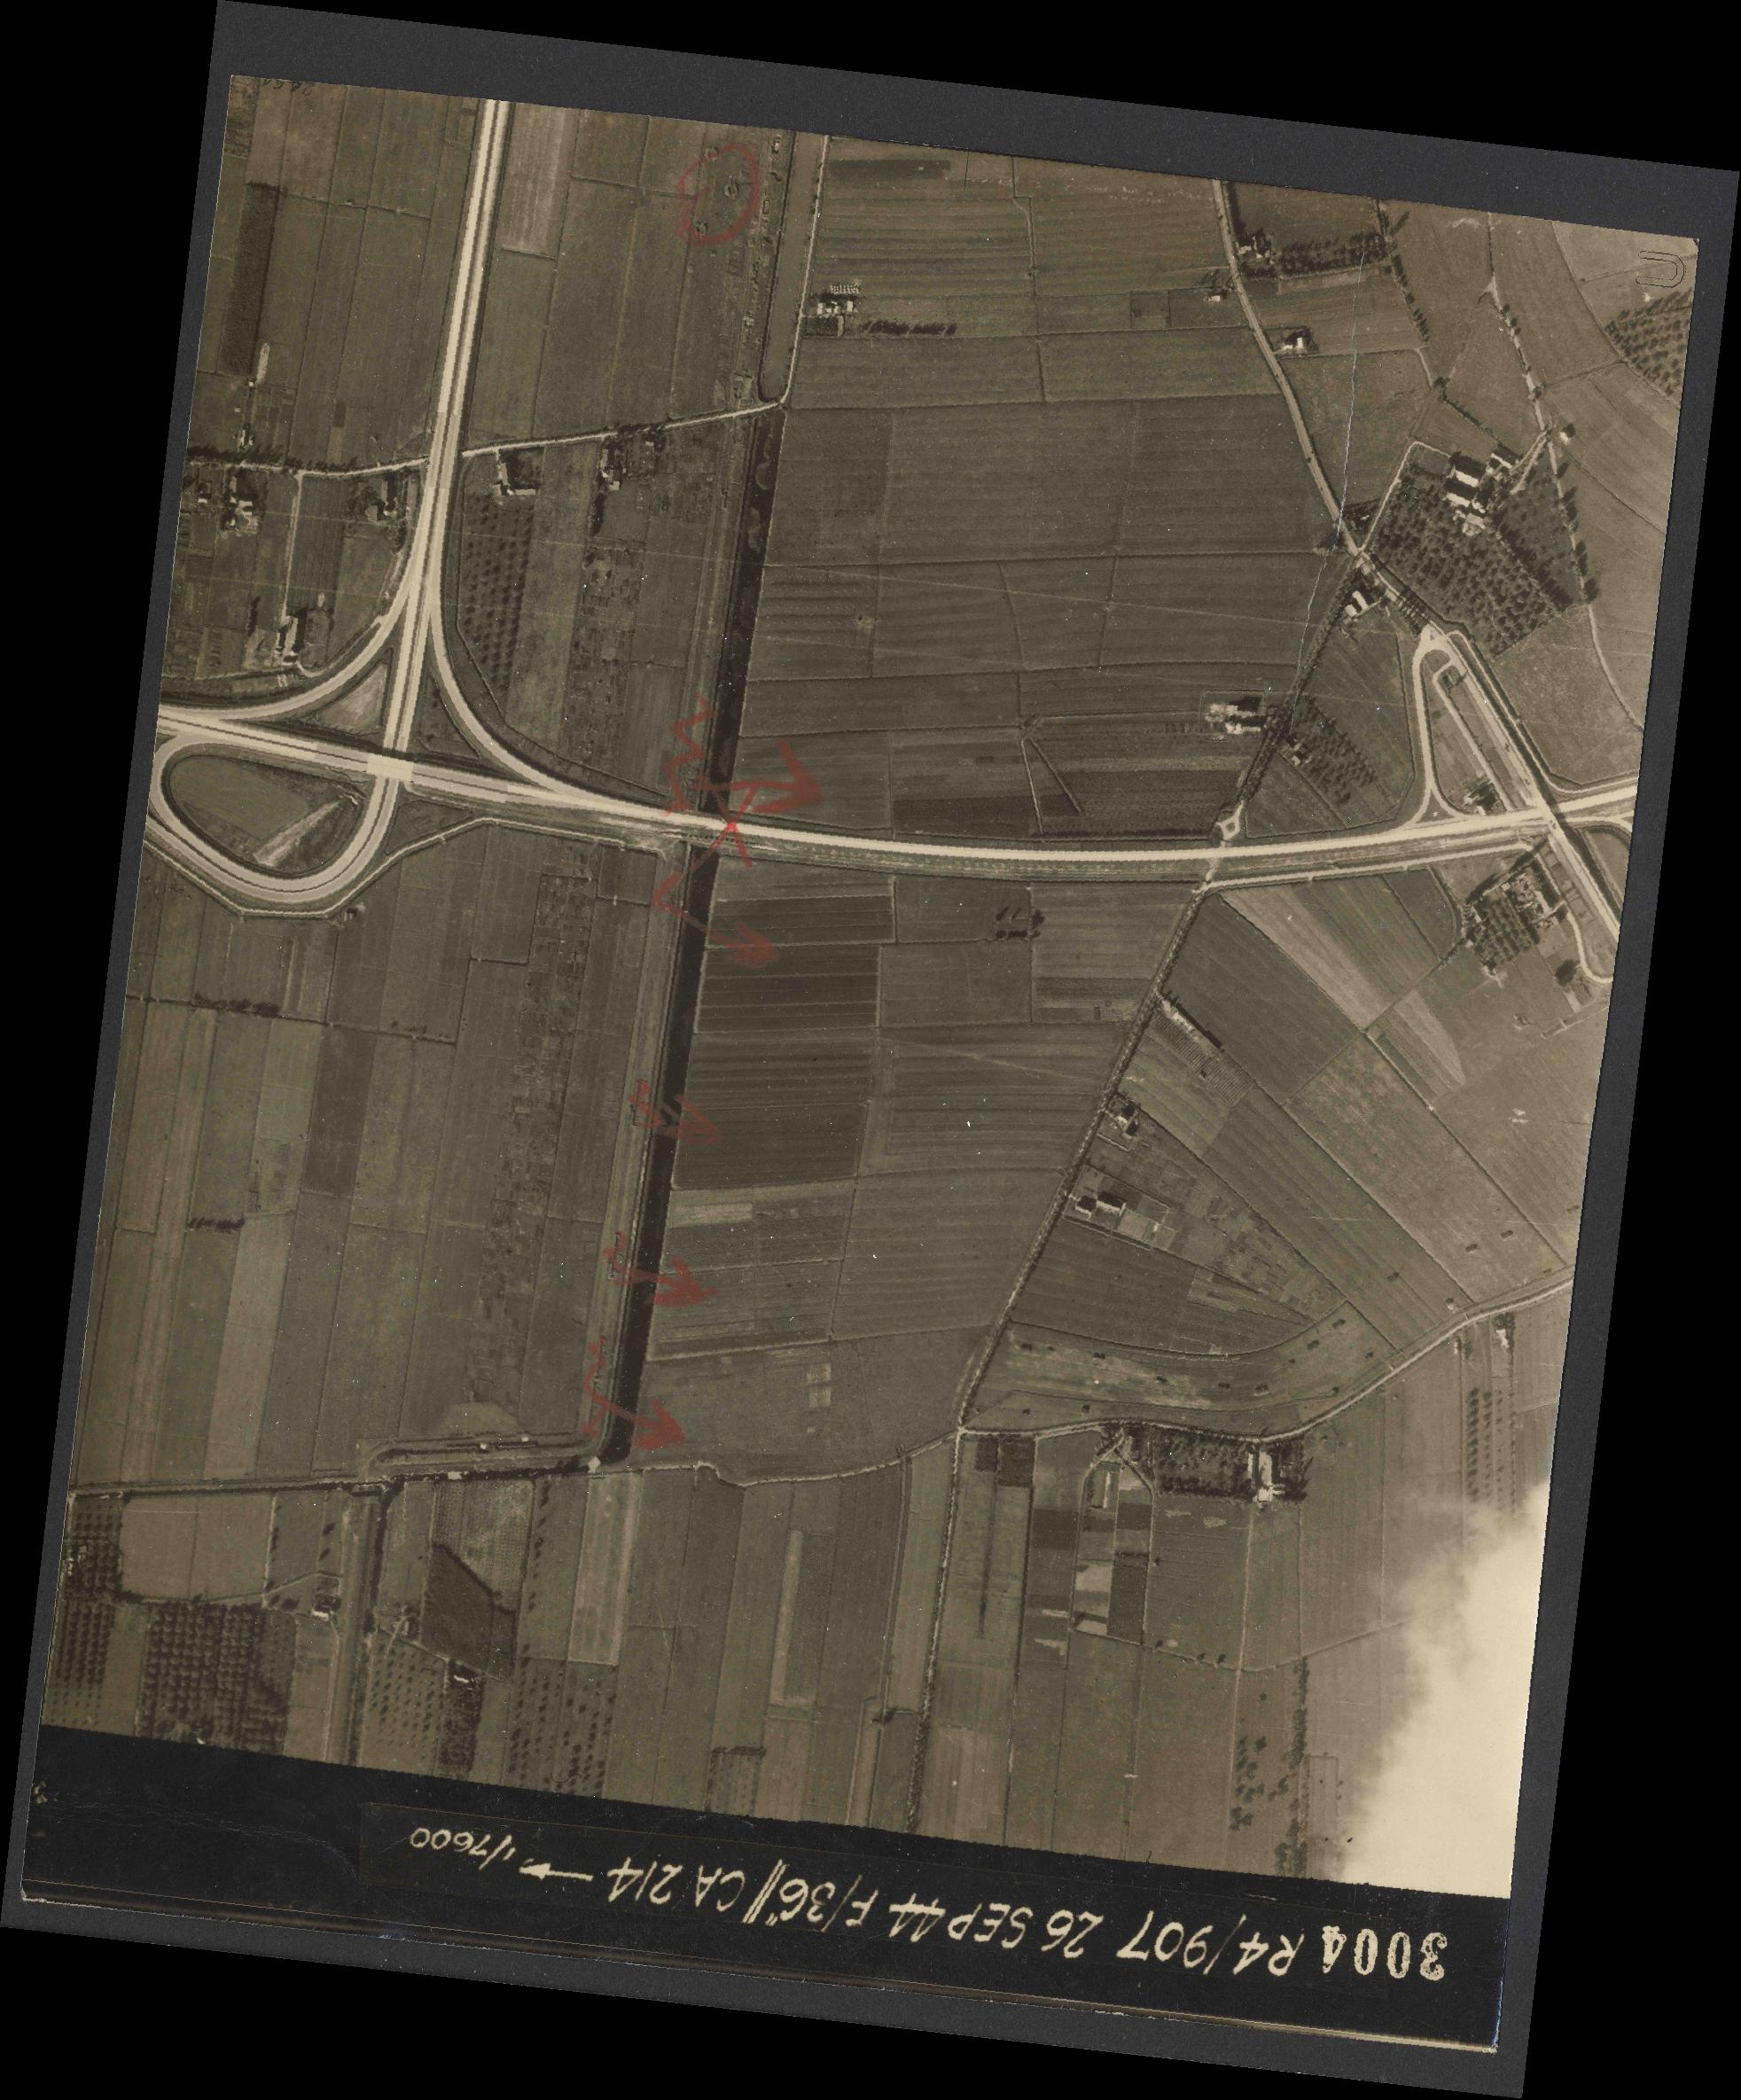 Collection RAF aerial photos 1940-1945 - flight 097, run 02, photo 3004